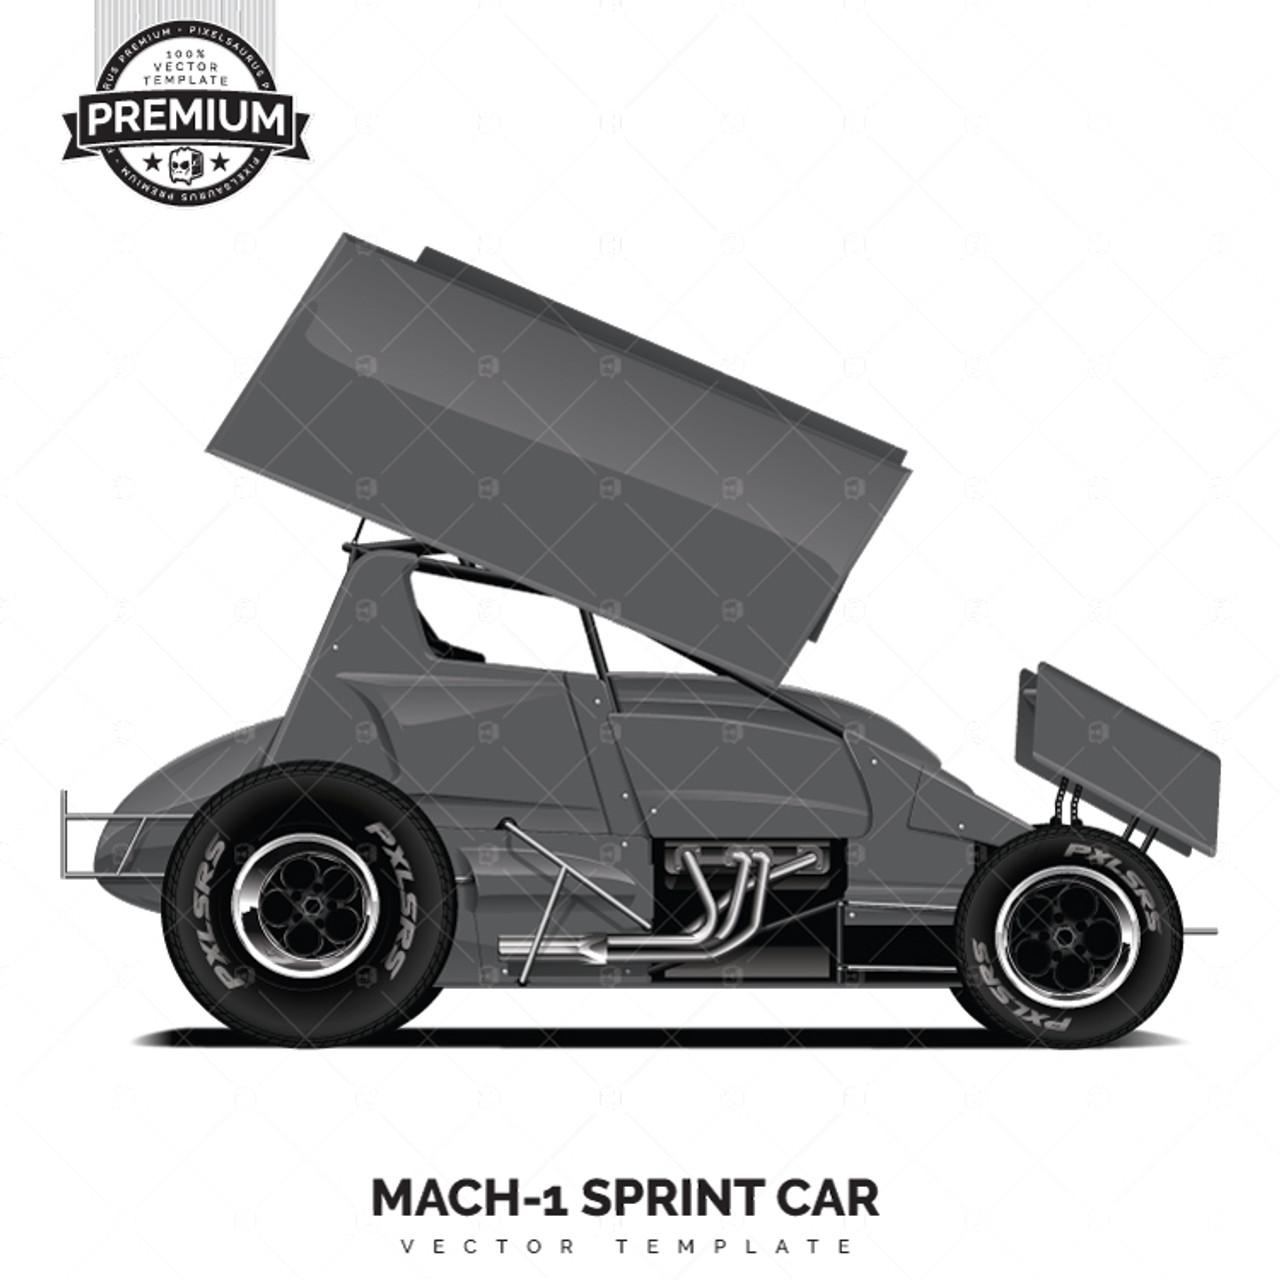 Mach 1 Sprintcar Premium Vector Template L R